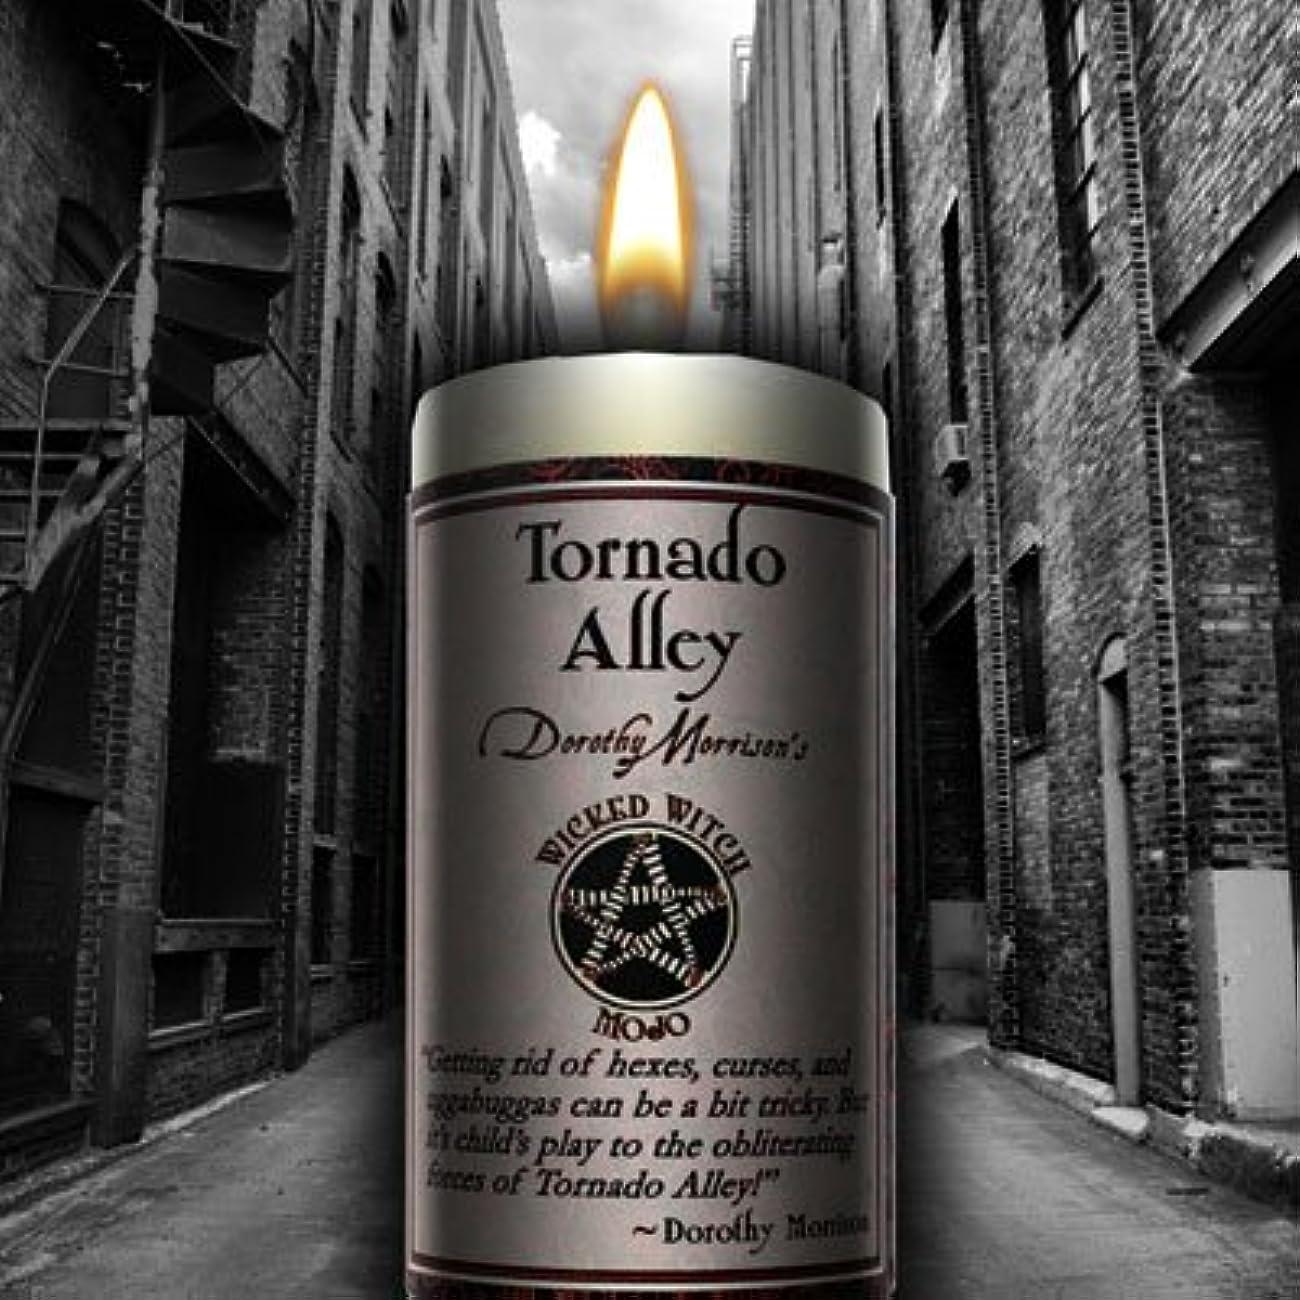 姪殺します強いますWicked Witch Mojo Tornado Alley Candle by Dorothy Morrison